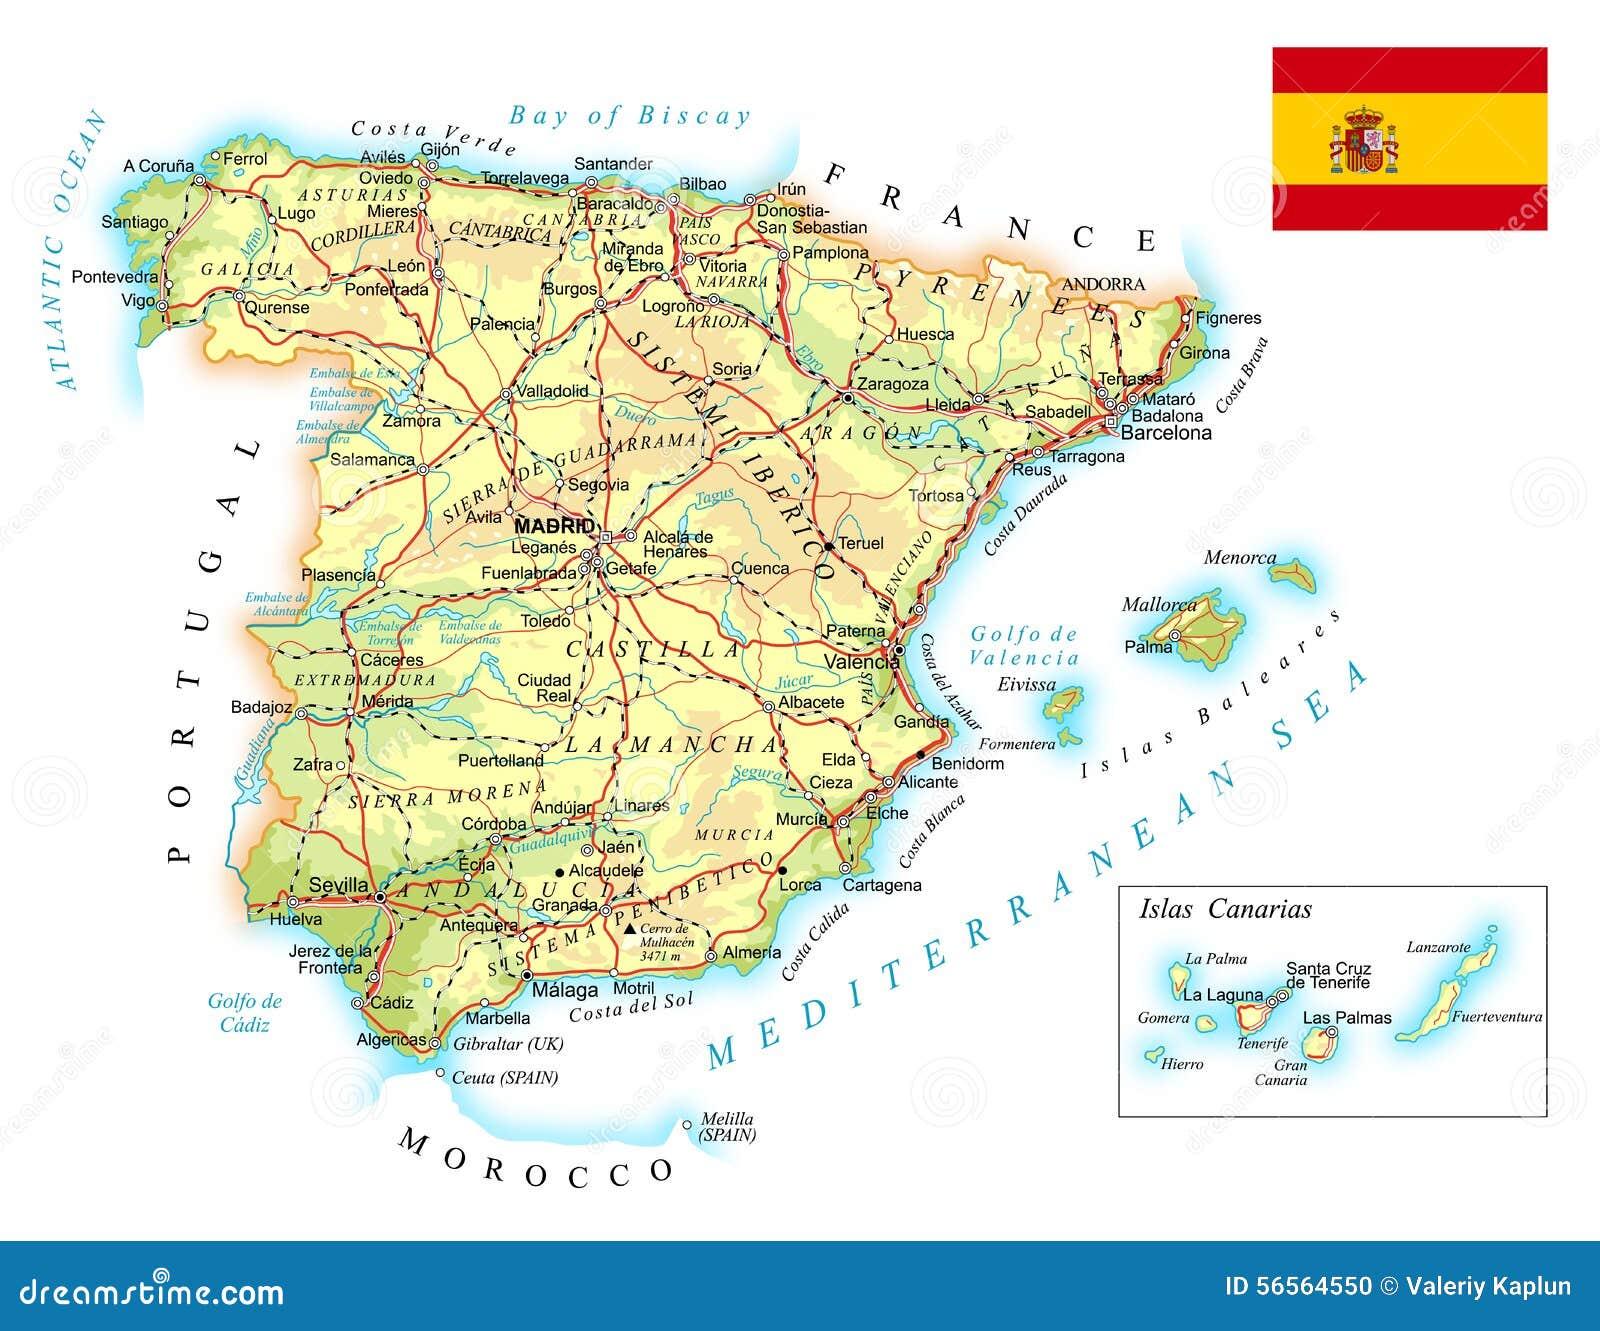 Carte De Lespagne Barcelone.L Espagne Carte Topographique Detaillee Illustration